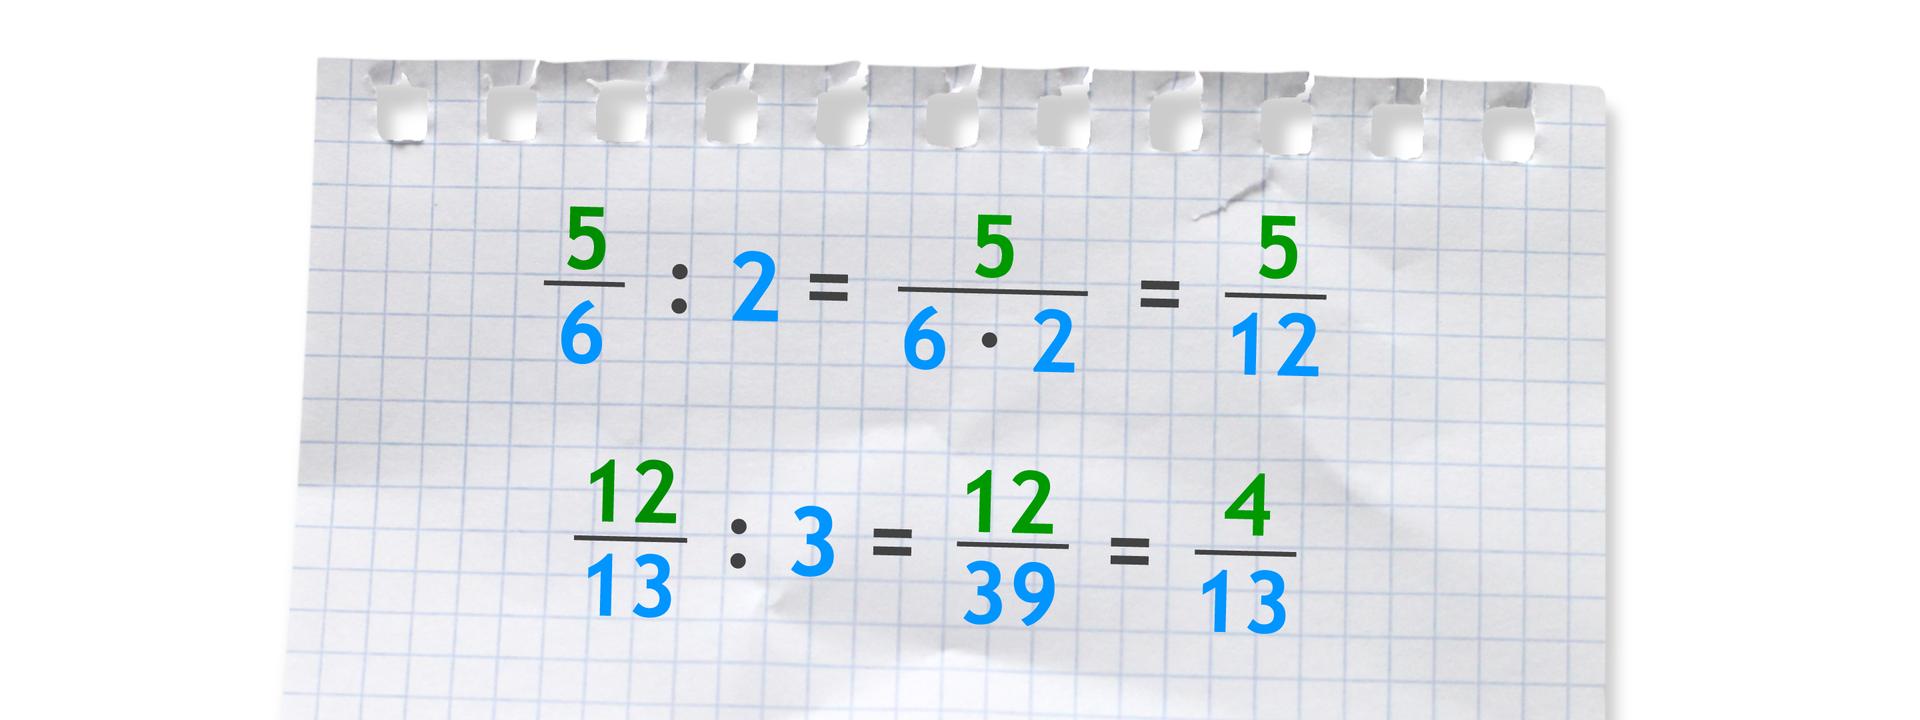 Dwa przykłady. Pierwszy: pięć szóstych dzielone przez 2 (w liczniku ułamka 5, wmianowniku 6 razy 2) równa się pięć dwunastych. Drugi: dwanaście trzynastych podzielone przez 3 równa się dwanaście trzydziestych dziewiątych równa się cztery trzynaste.